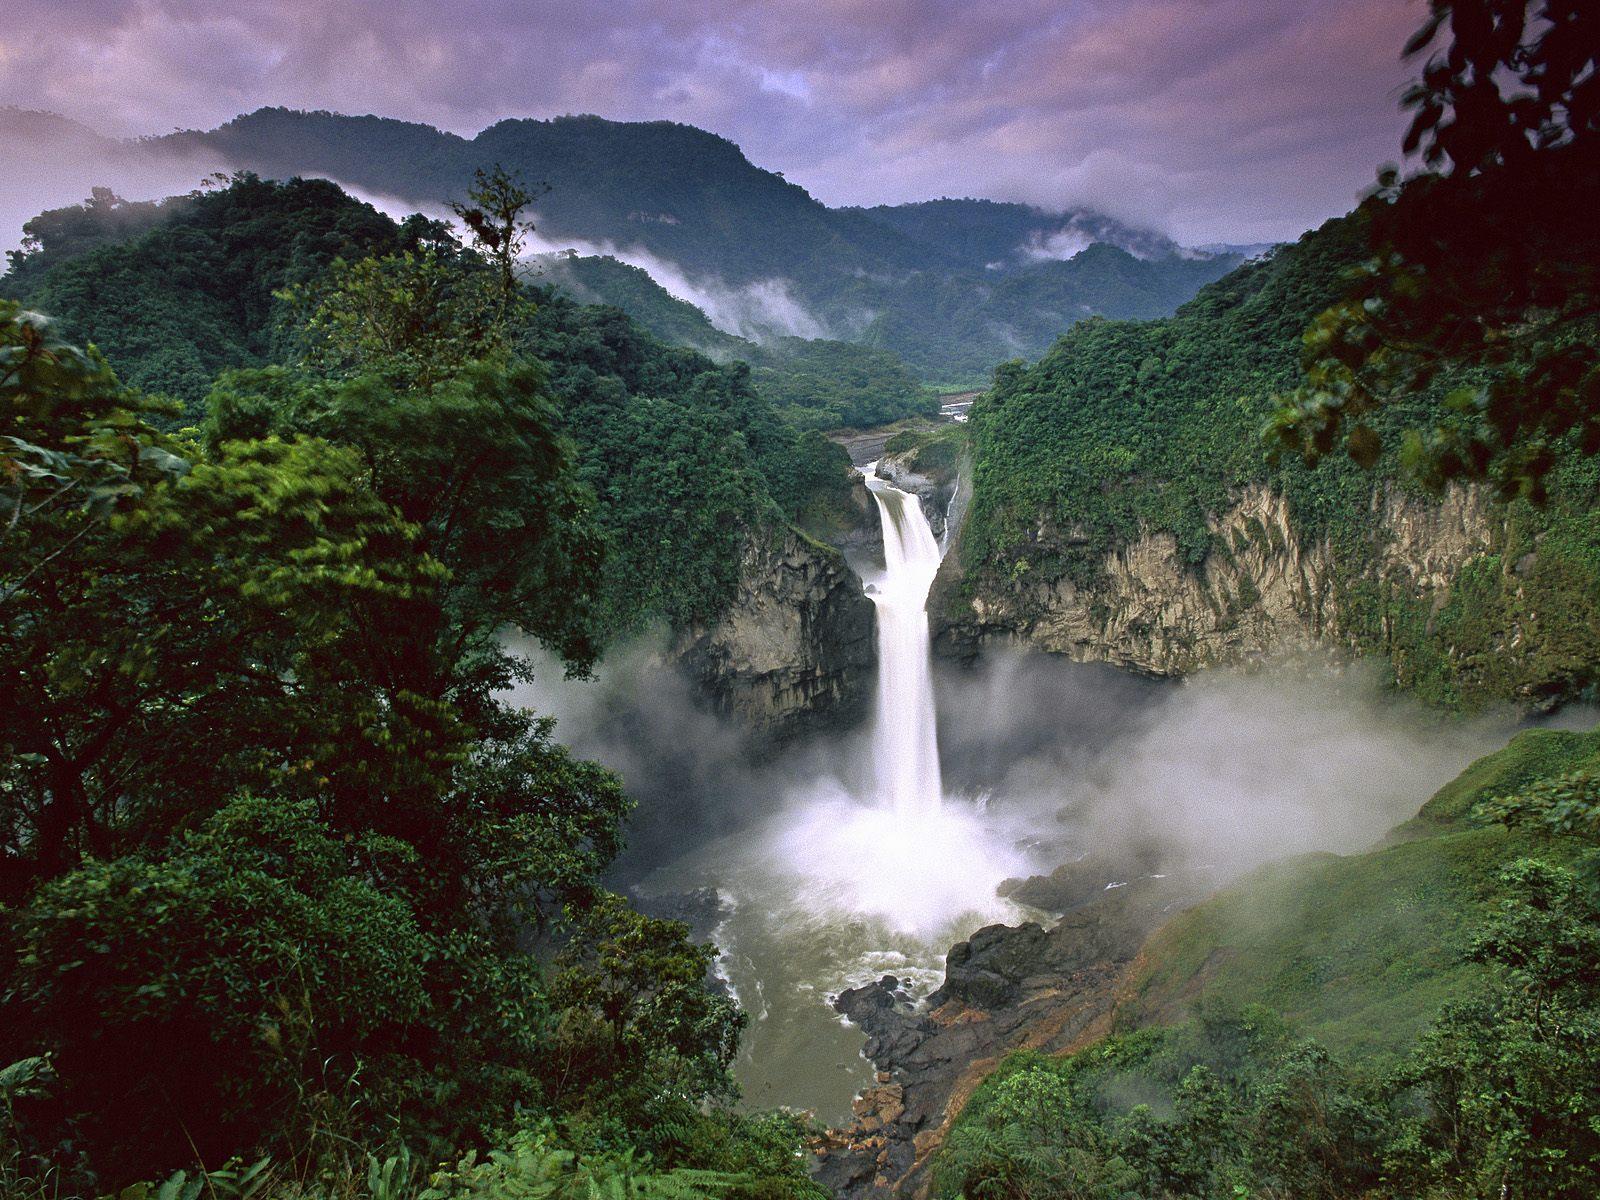 http://2.bp.blogspot.com/-ix83lgHDaO0/ToVYjiVtosI/AAAAAAAABrI/QWDK0p4BxlI/s1600/10+most+beautiful+places+in+the+world-3.jpg